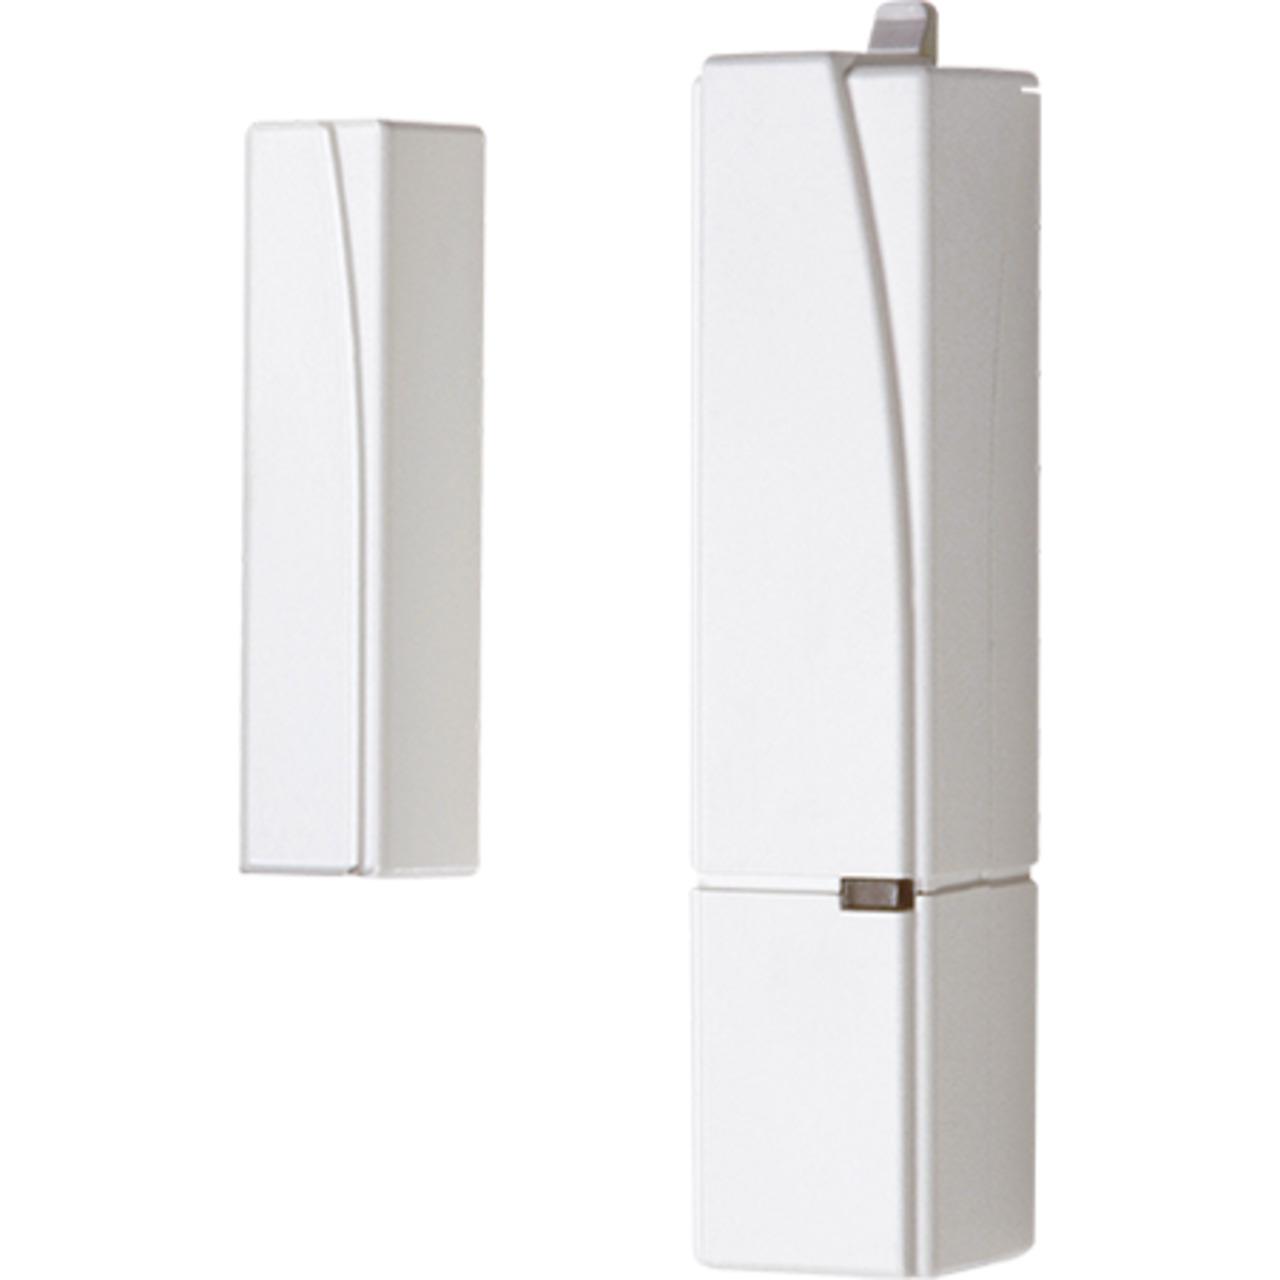 Homematic Funk-Tür-Fensterkontakt HM-Sec-SC-2 für Smart Home - Hausautomation